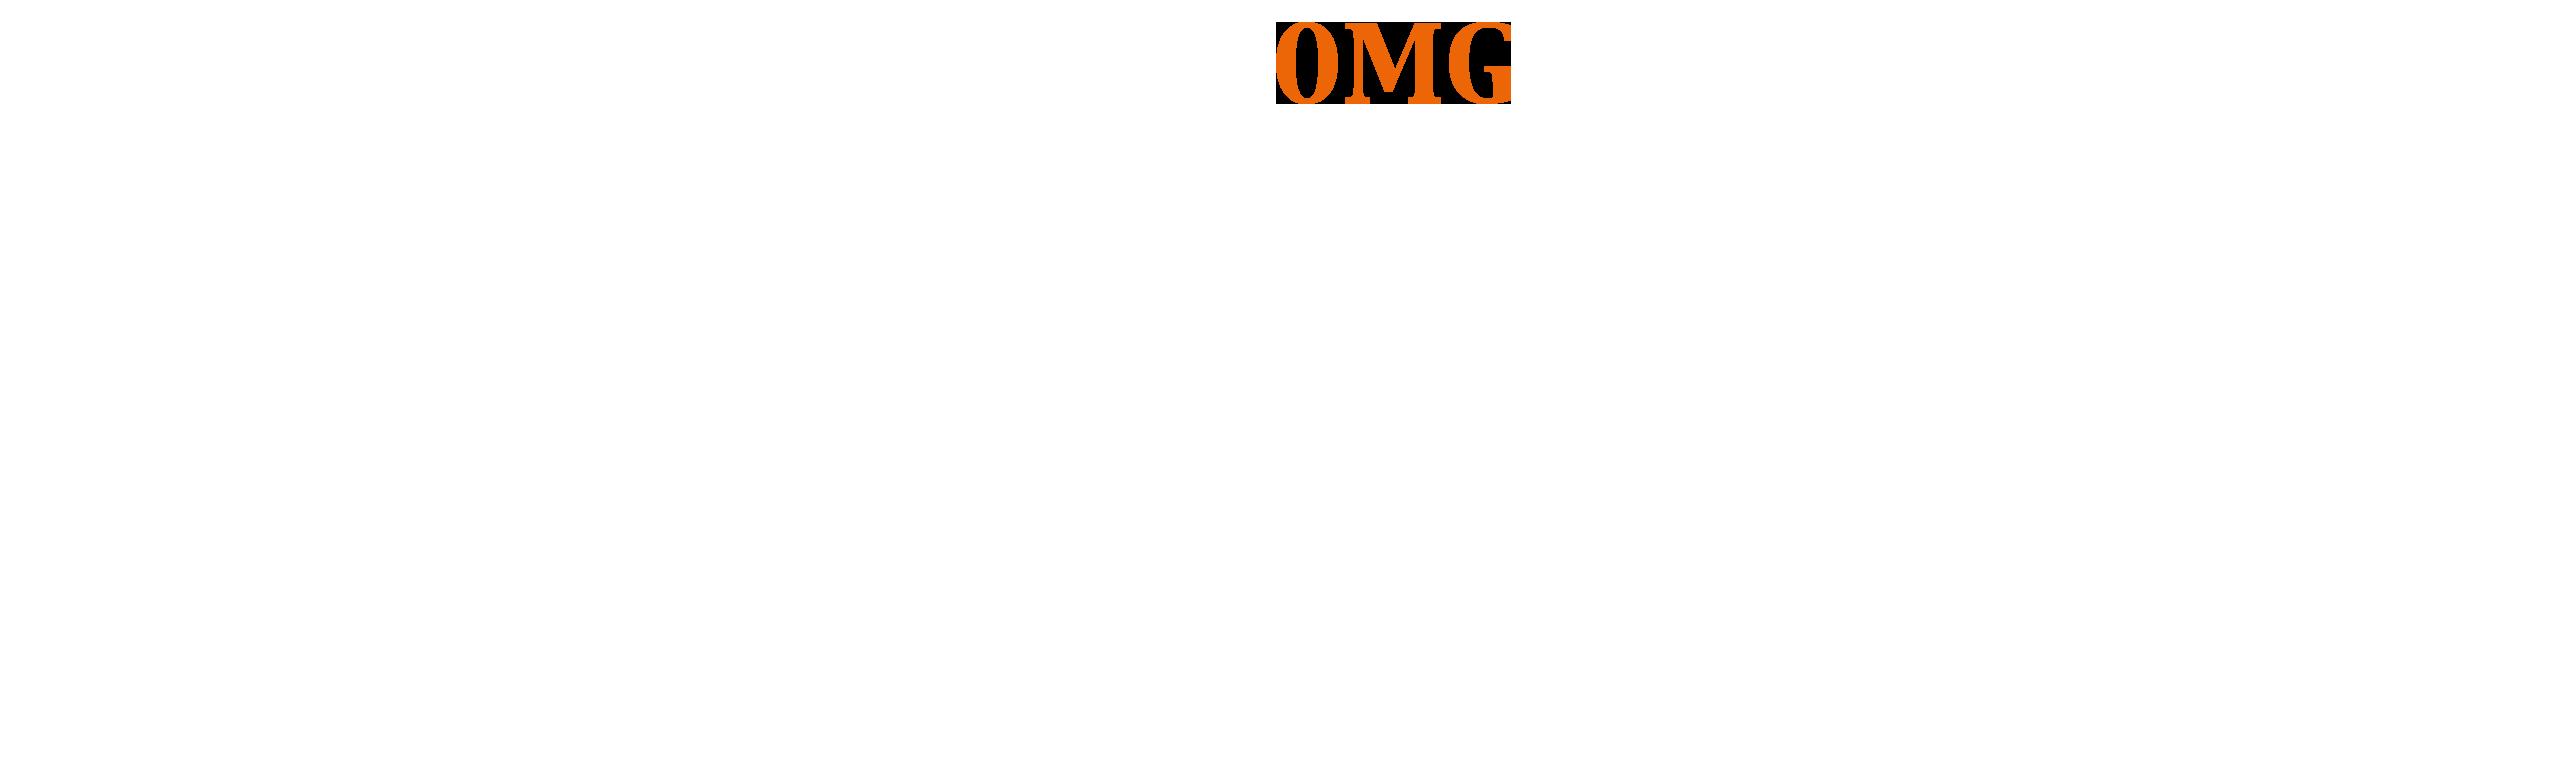 003 OMG